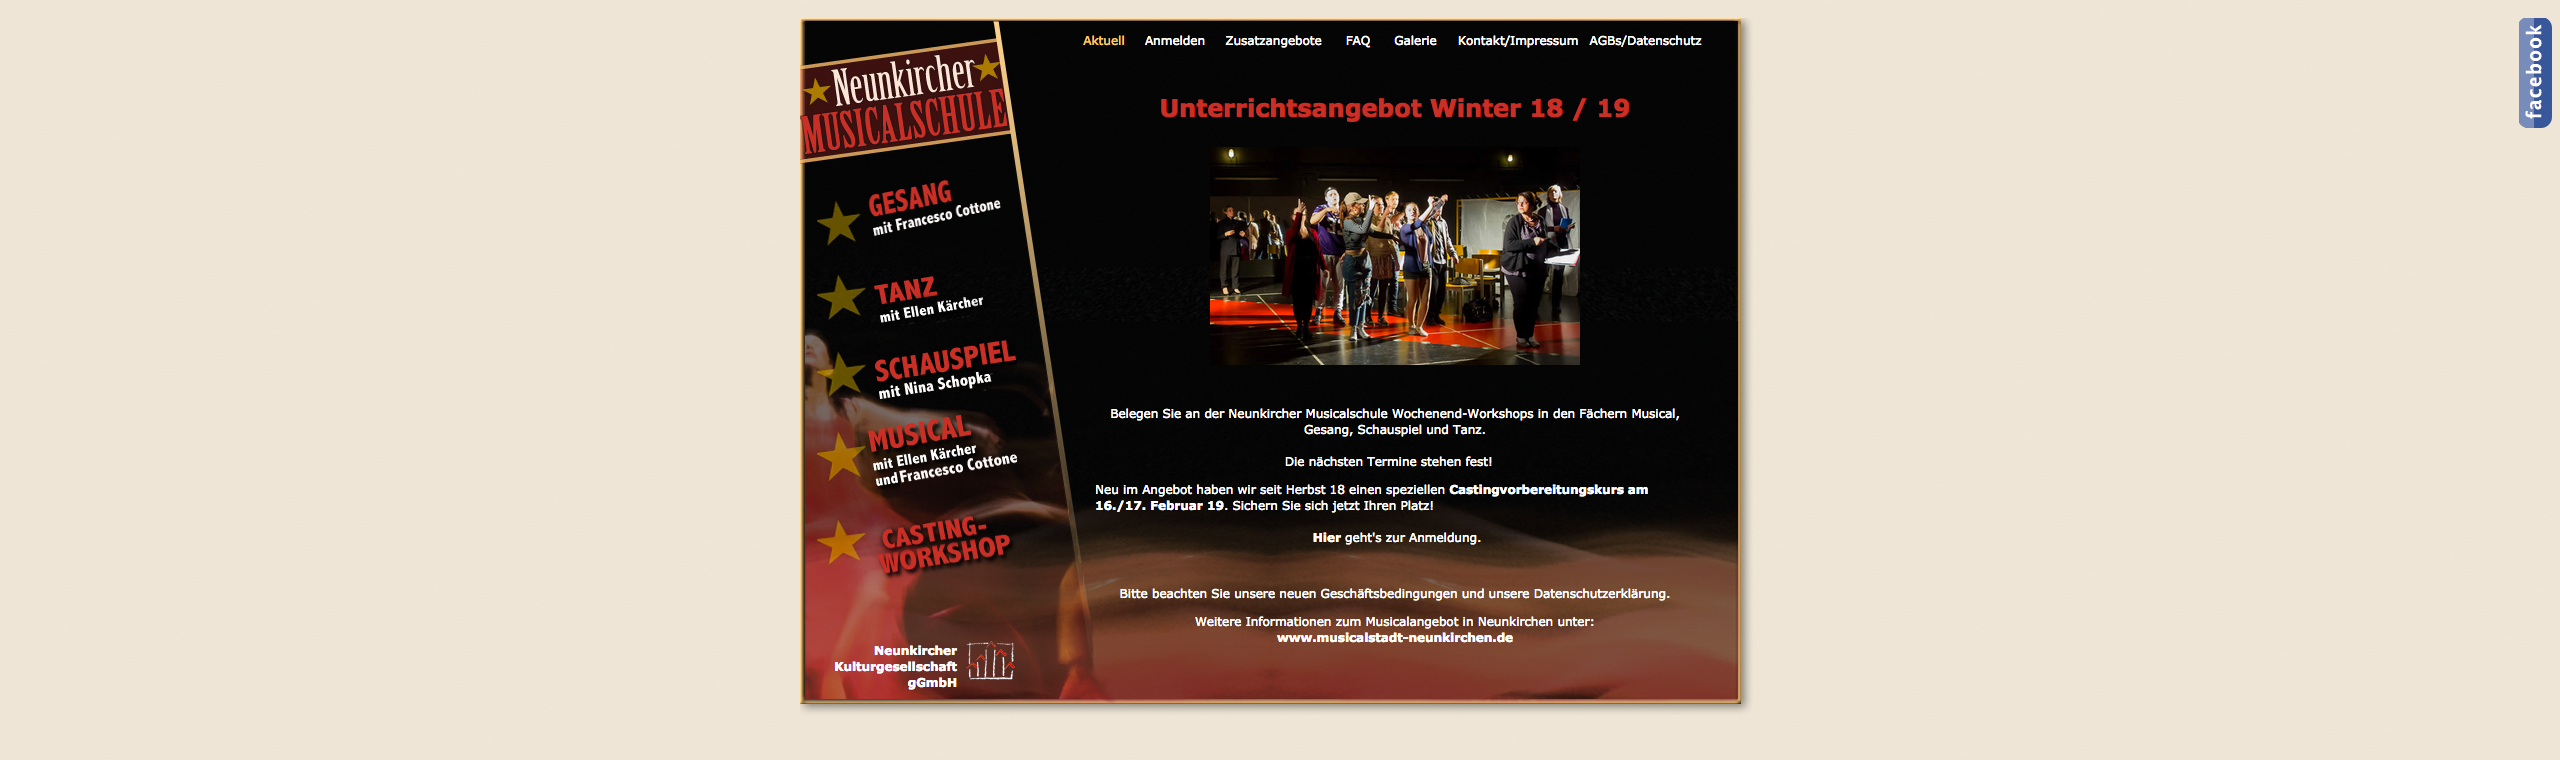 Neunkircher Musicalschule